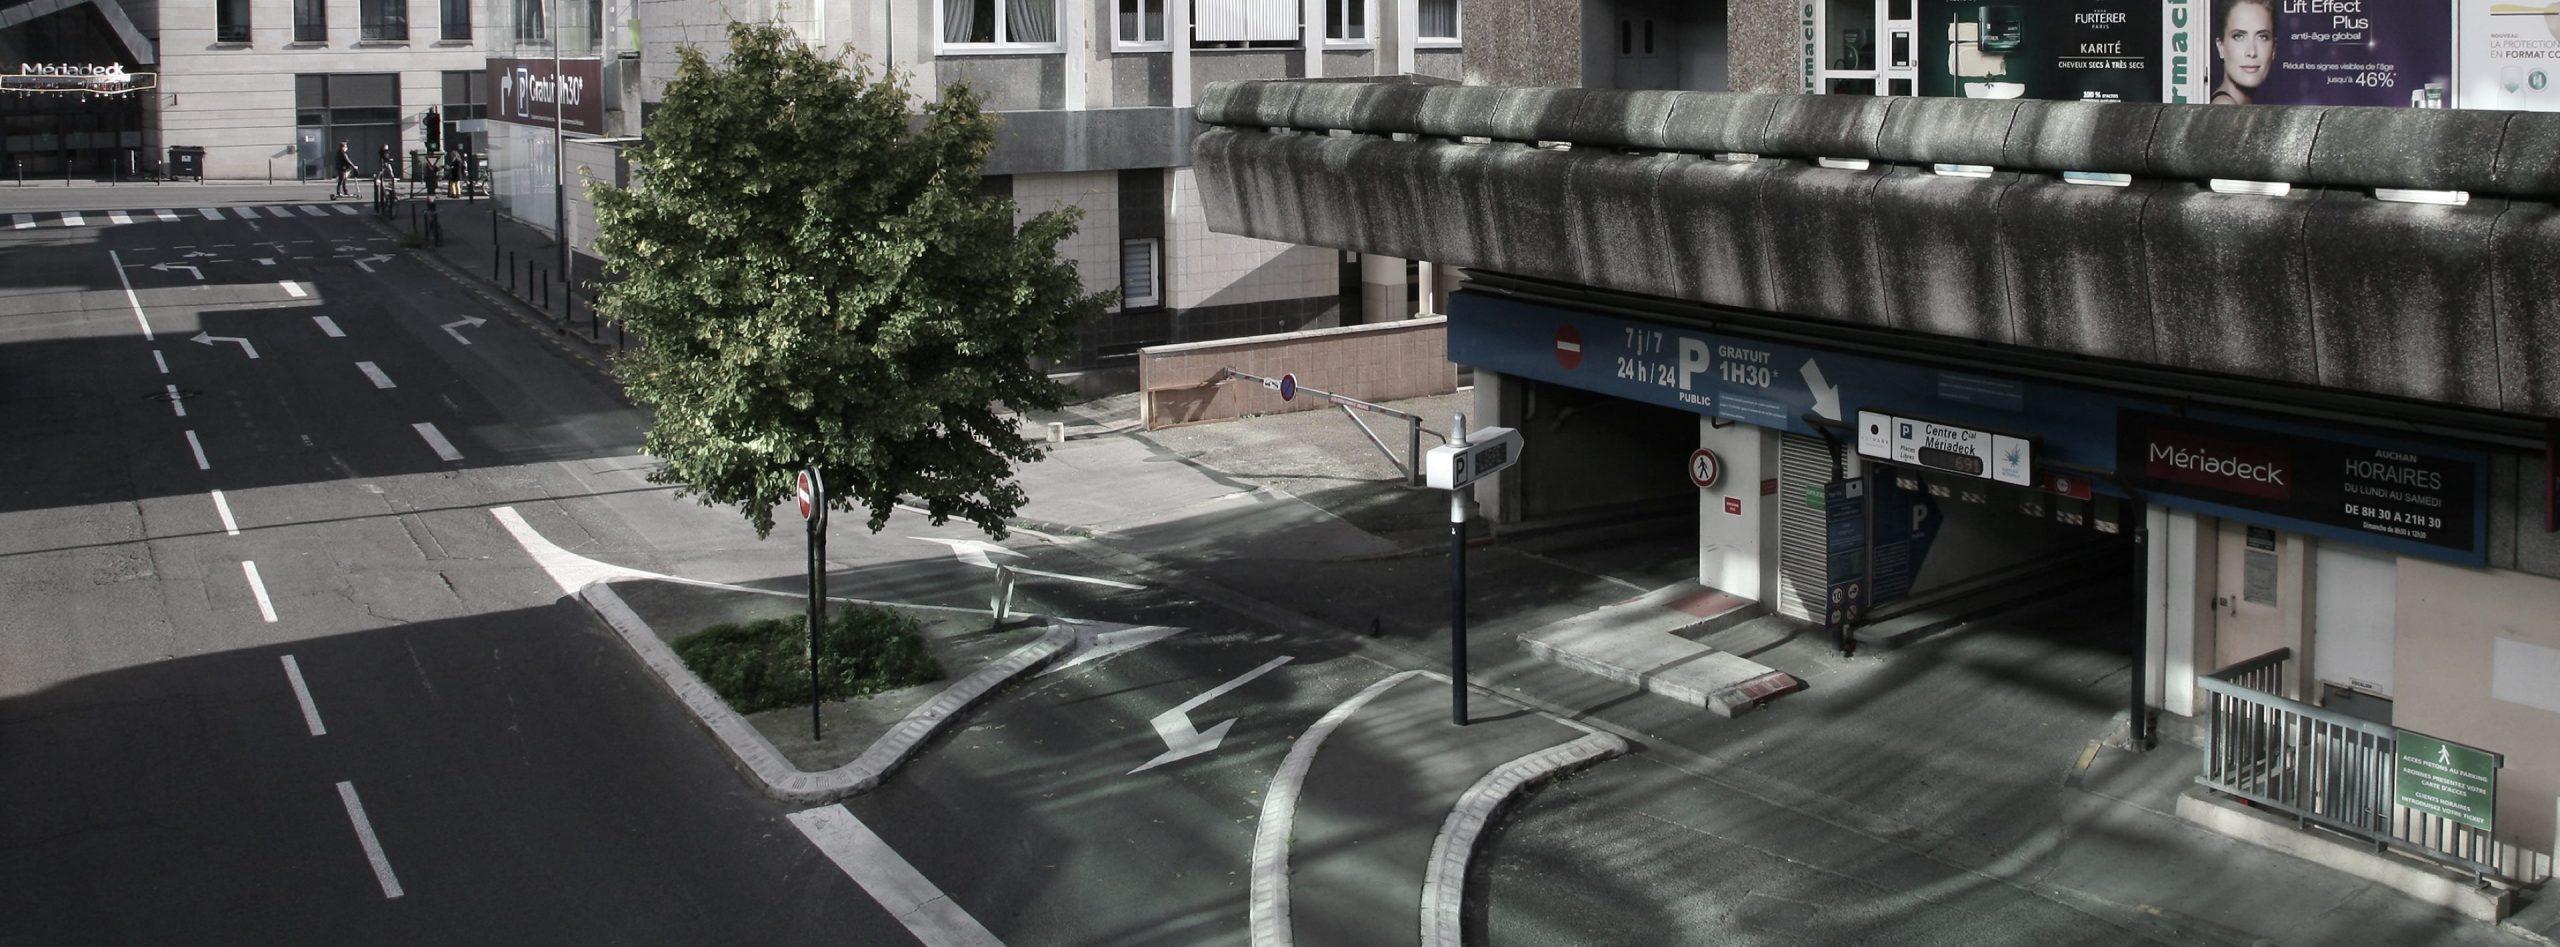 Parking METPARK Centre Commercial Meriadeck à Bordeaux